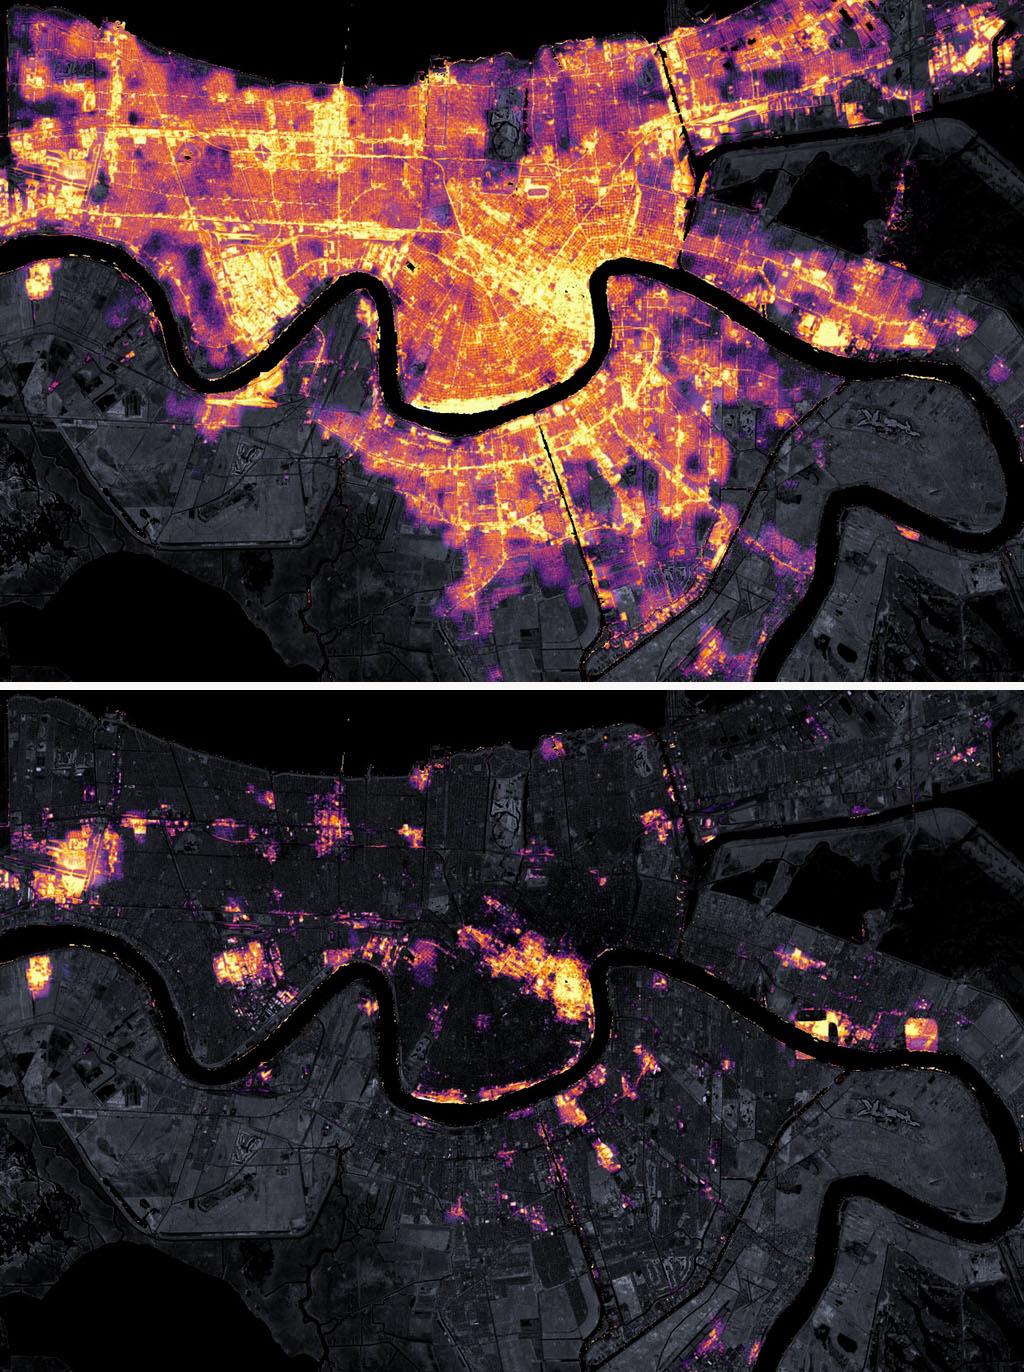 """當地時間2021年8月9日,美國路易斯安那州新奧爾良(上);當地時間2021年8月31日,美國路易斯安那州新奧爾良,美國宇航局衛星圖像記錄下颶風""""艾達""""致新奧爾良大規模斷電。"""